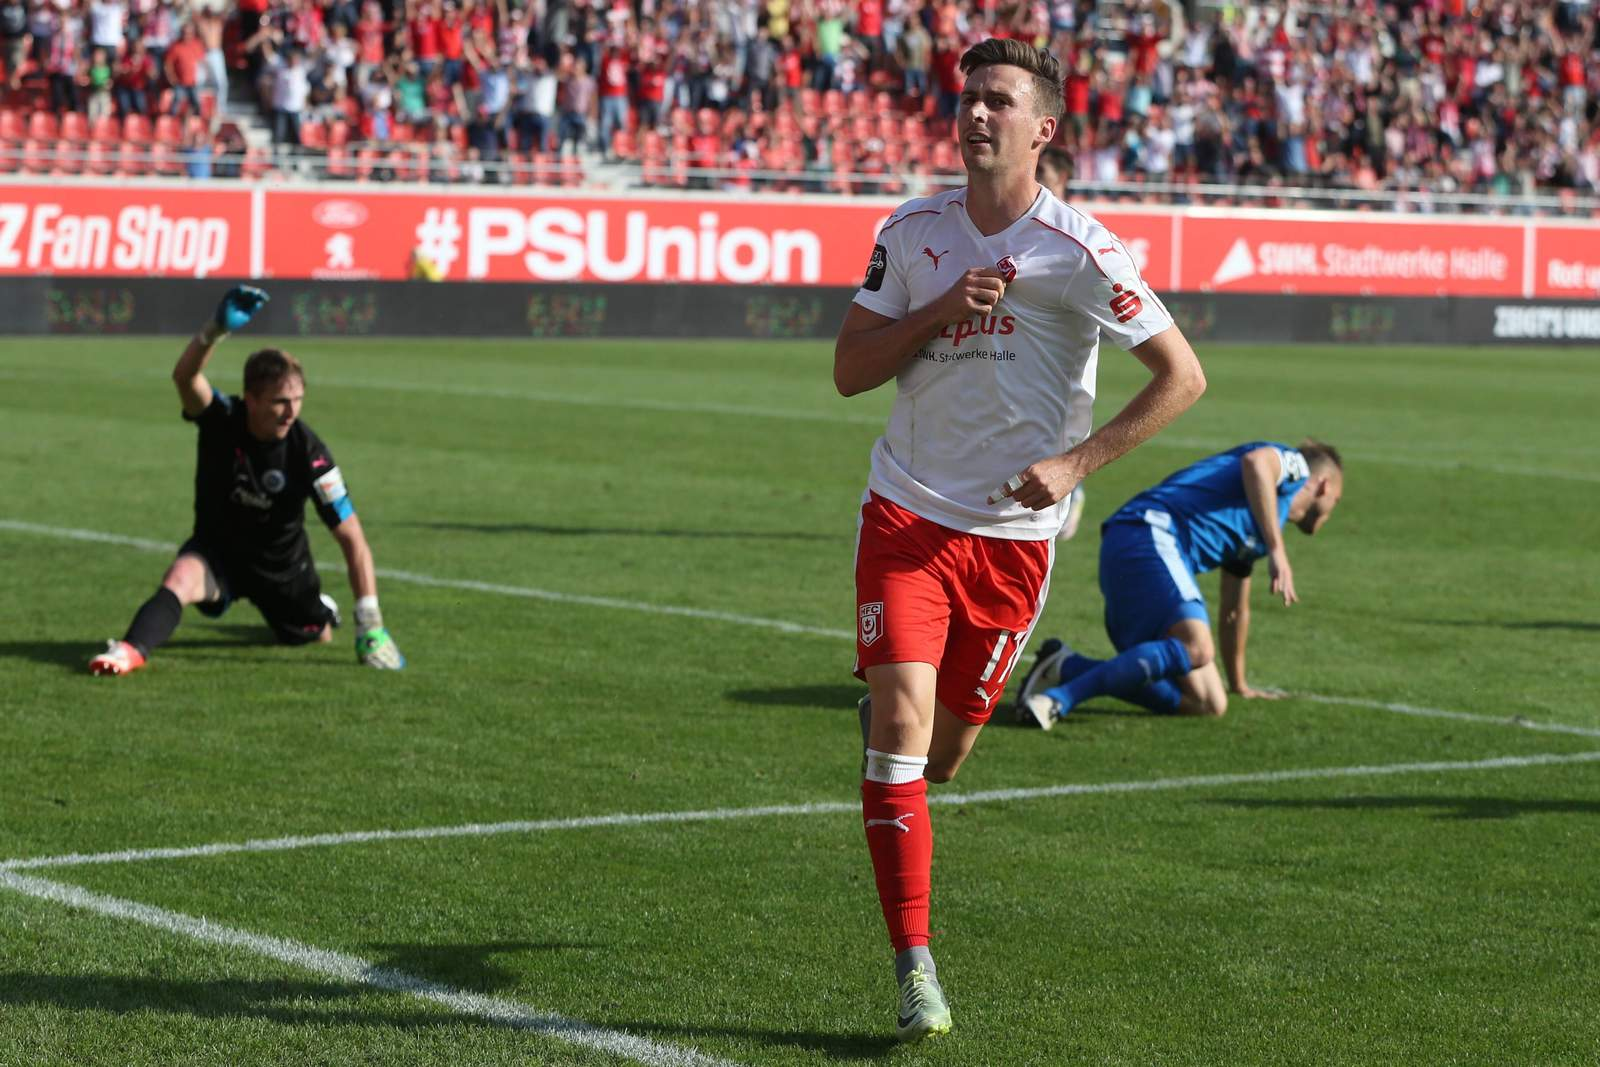 Martin Röser vom Halleschen FC